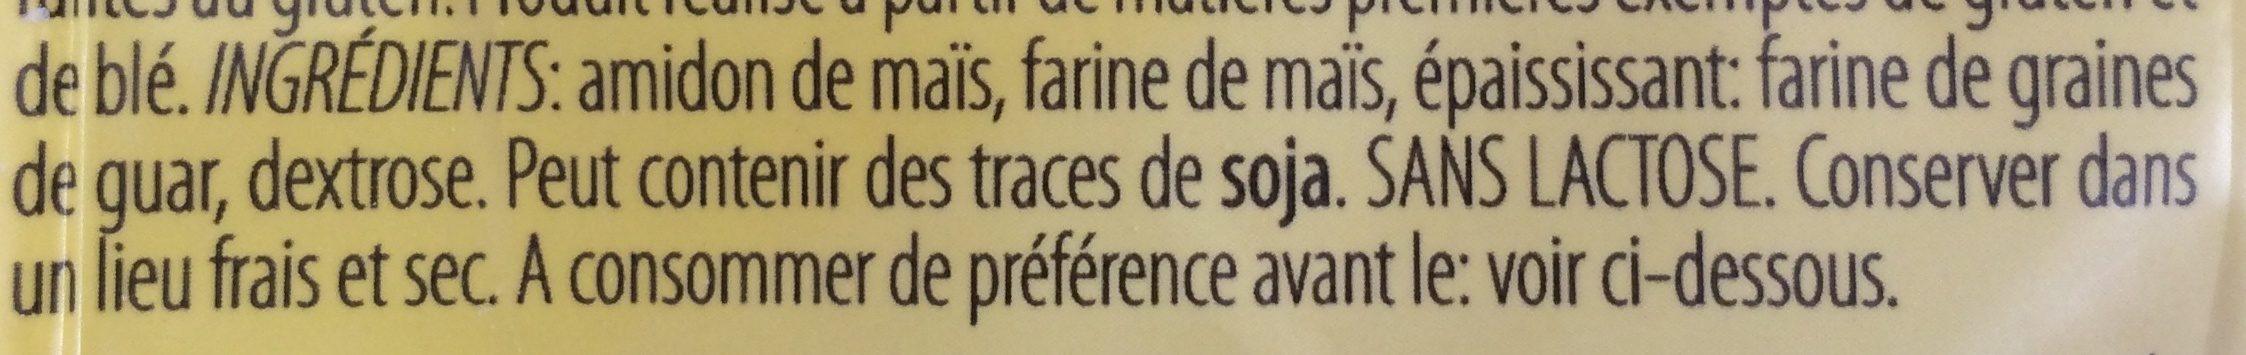 Farine sans gluten - Ingredients - fr